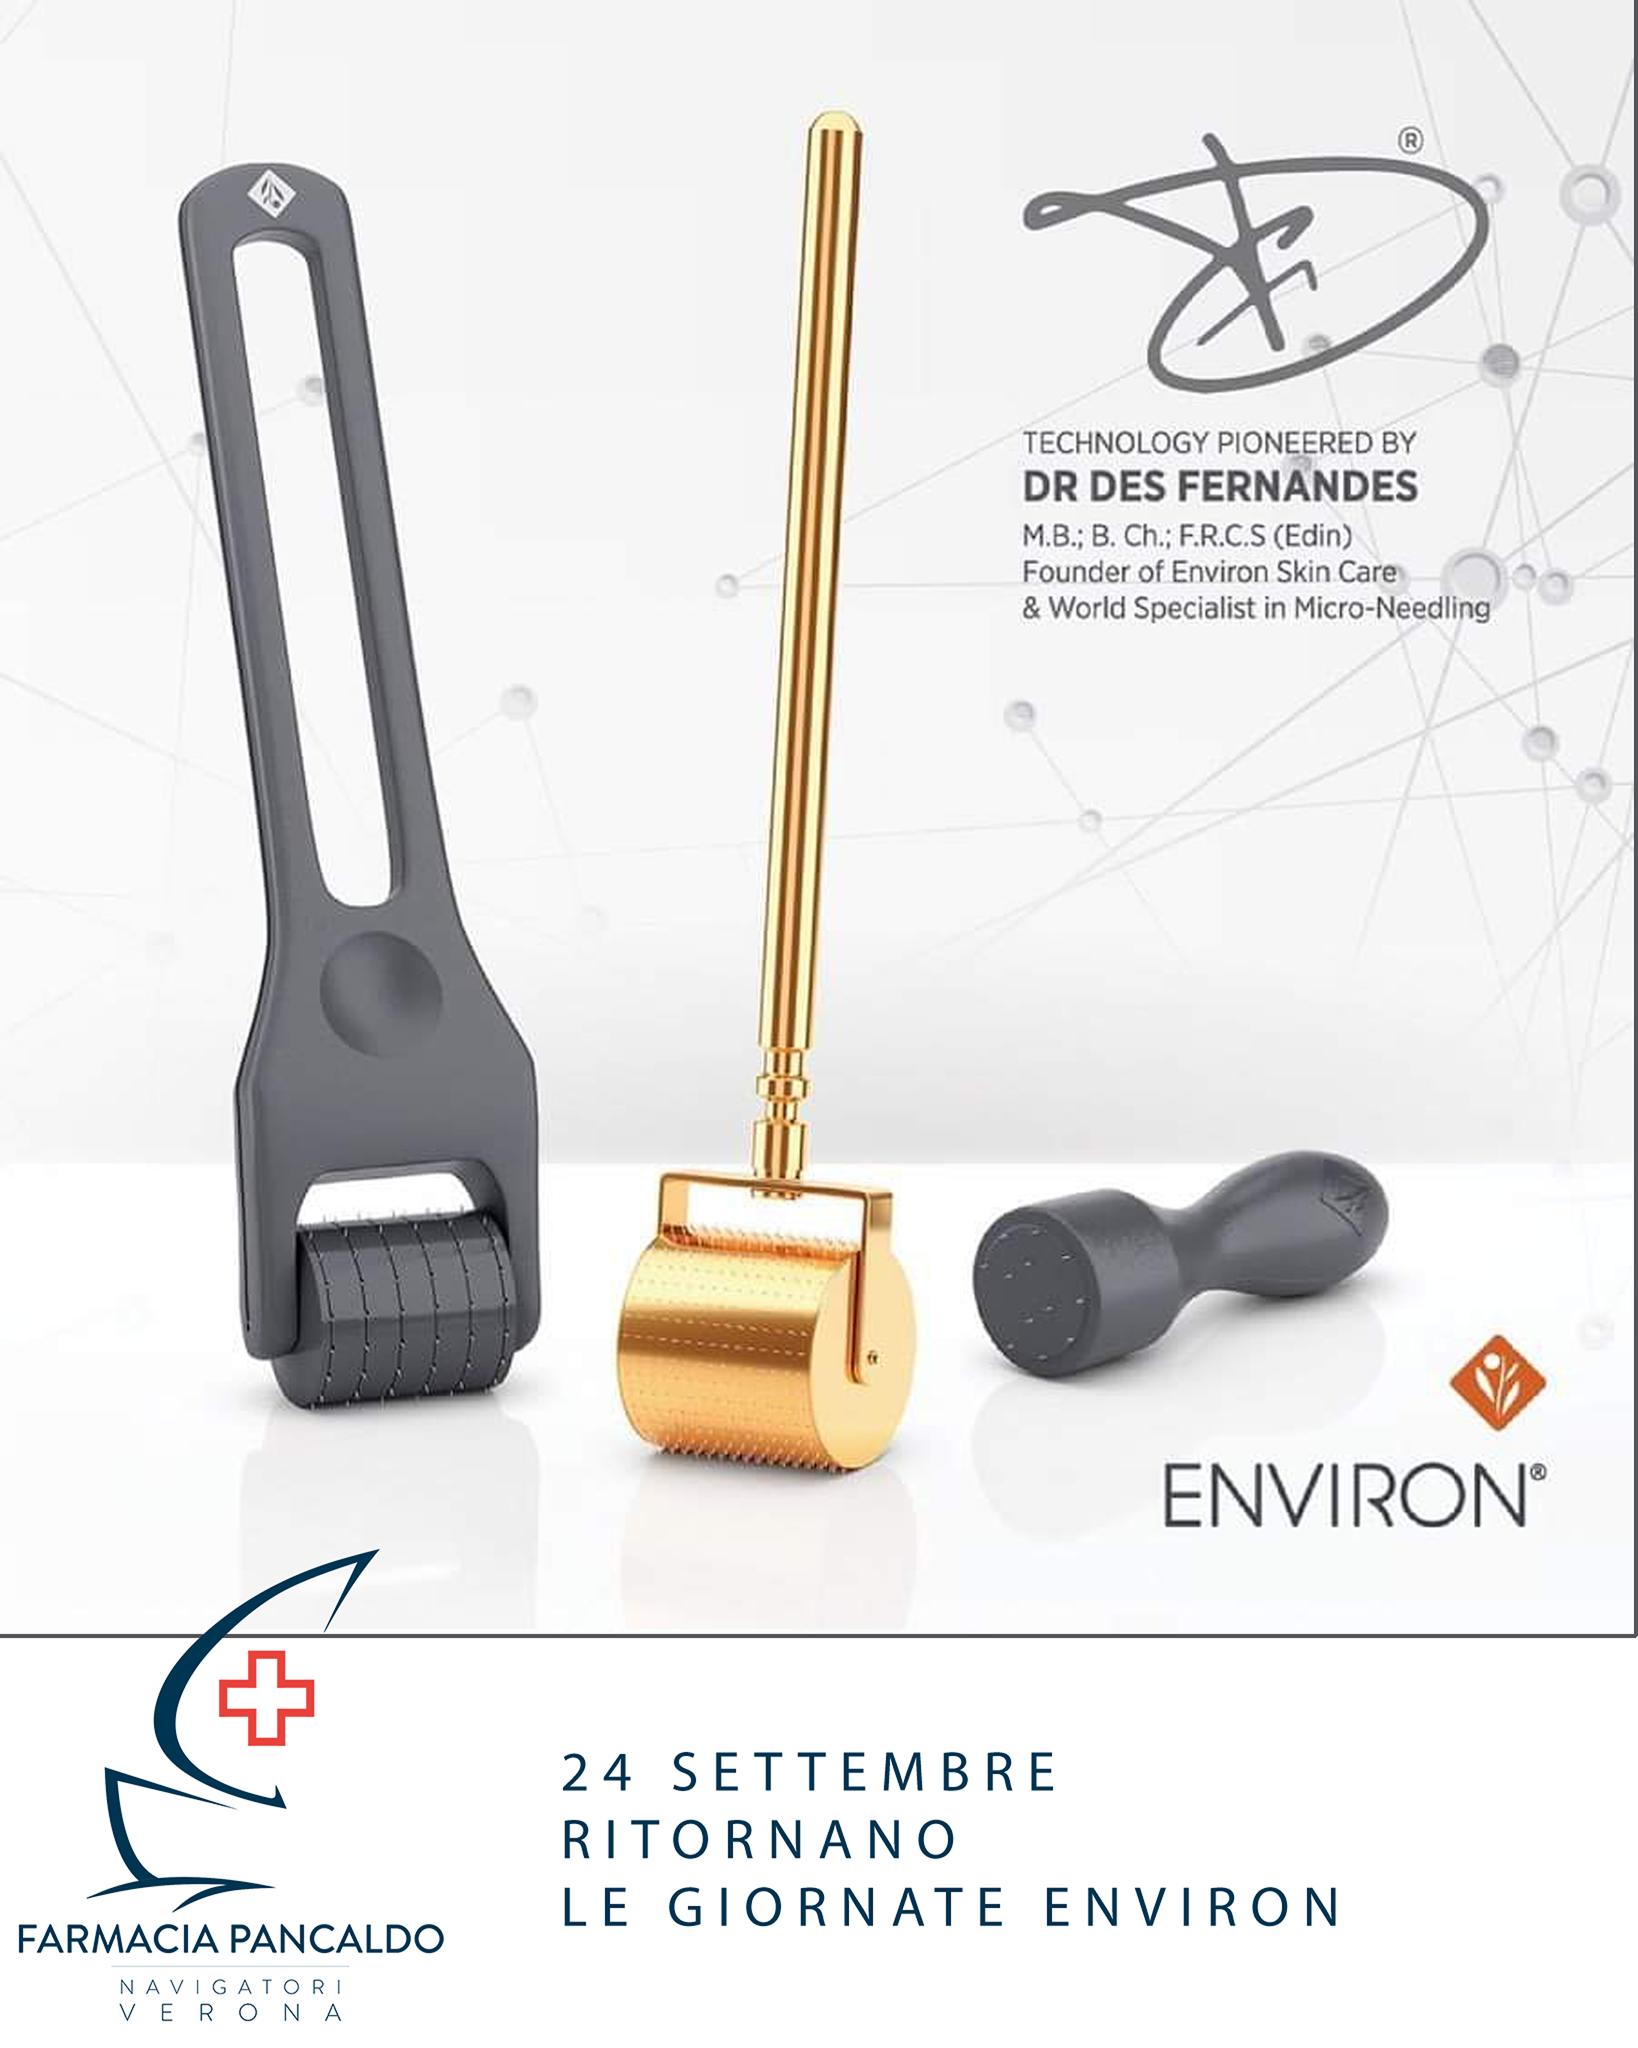 24/09 RITORNANO LE GIORNATE ENVIRON….